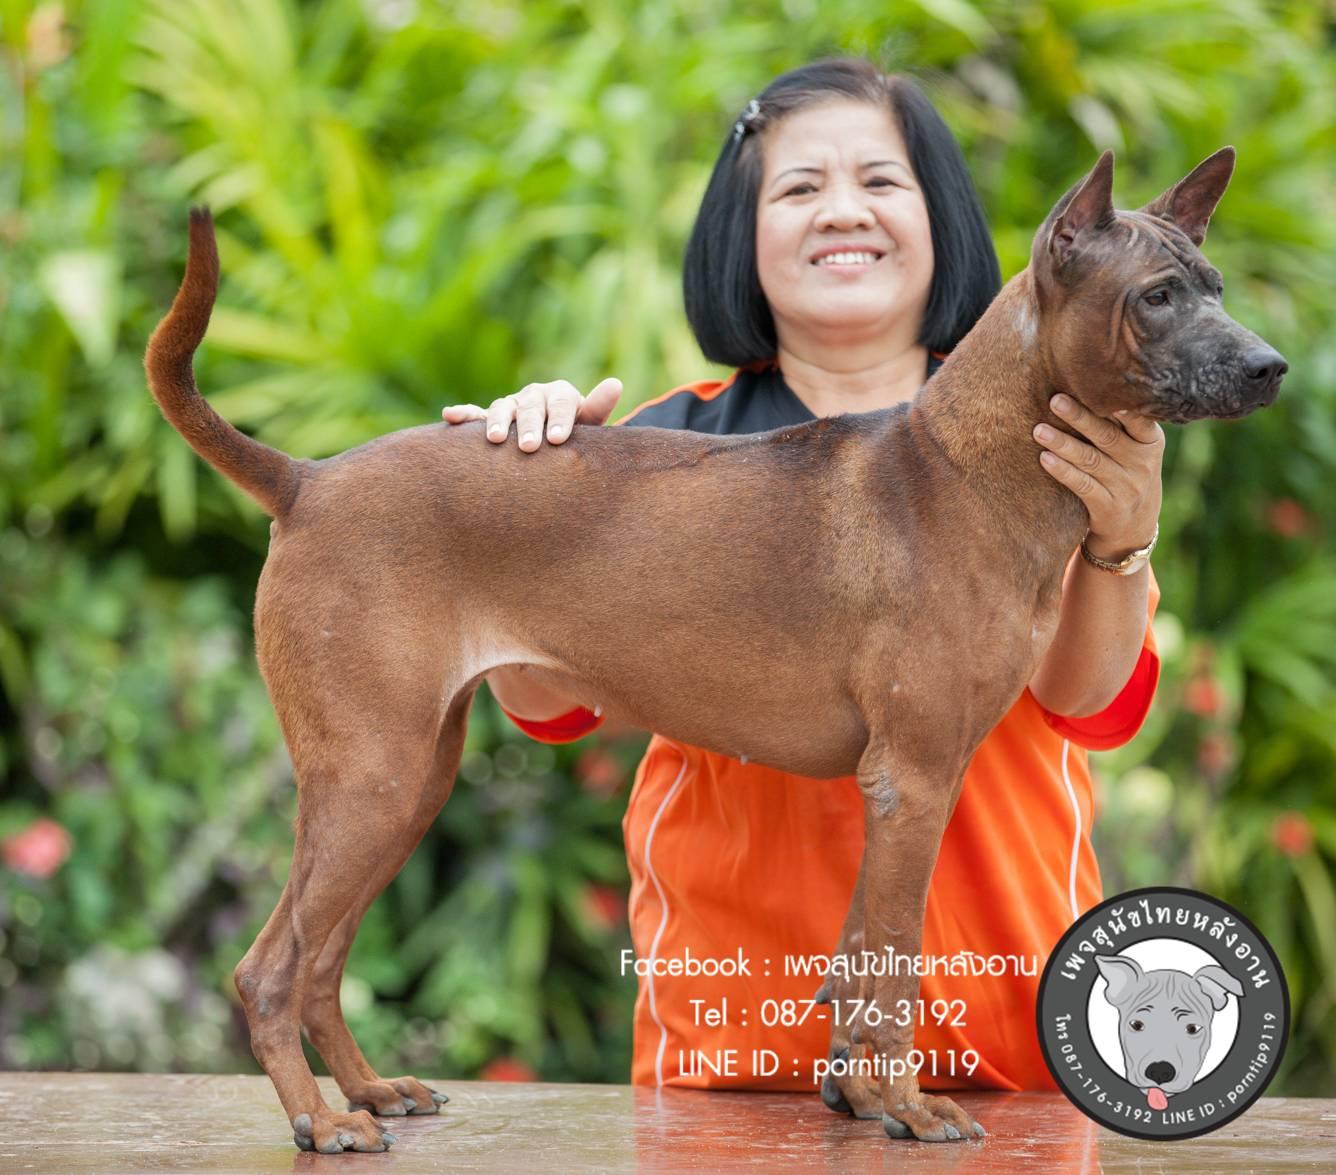 สุนัขไทยหลังอาน ขายสุนัขไทยหลังอาน ลูกสุนัขไทยหลังอาน พ่อพันธุ์แม่พันธุ์net-0305